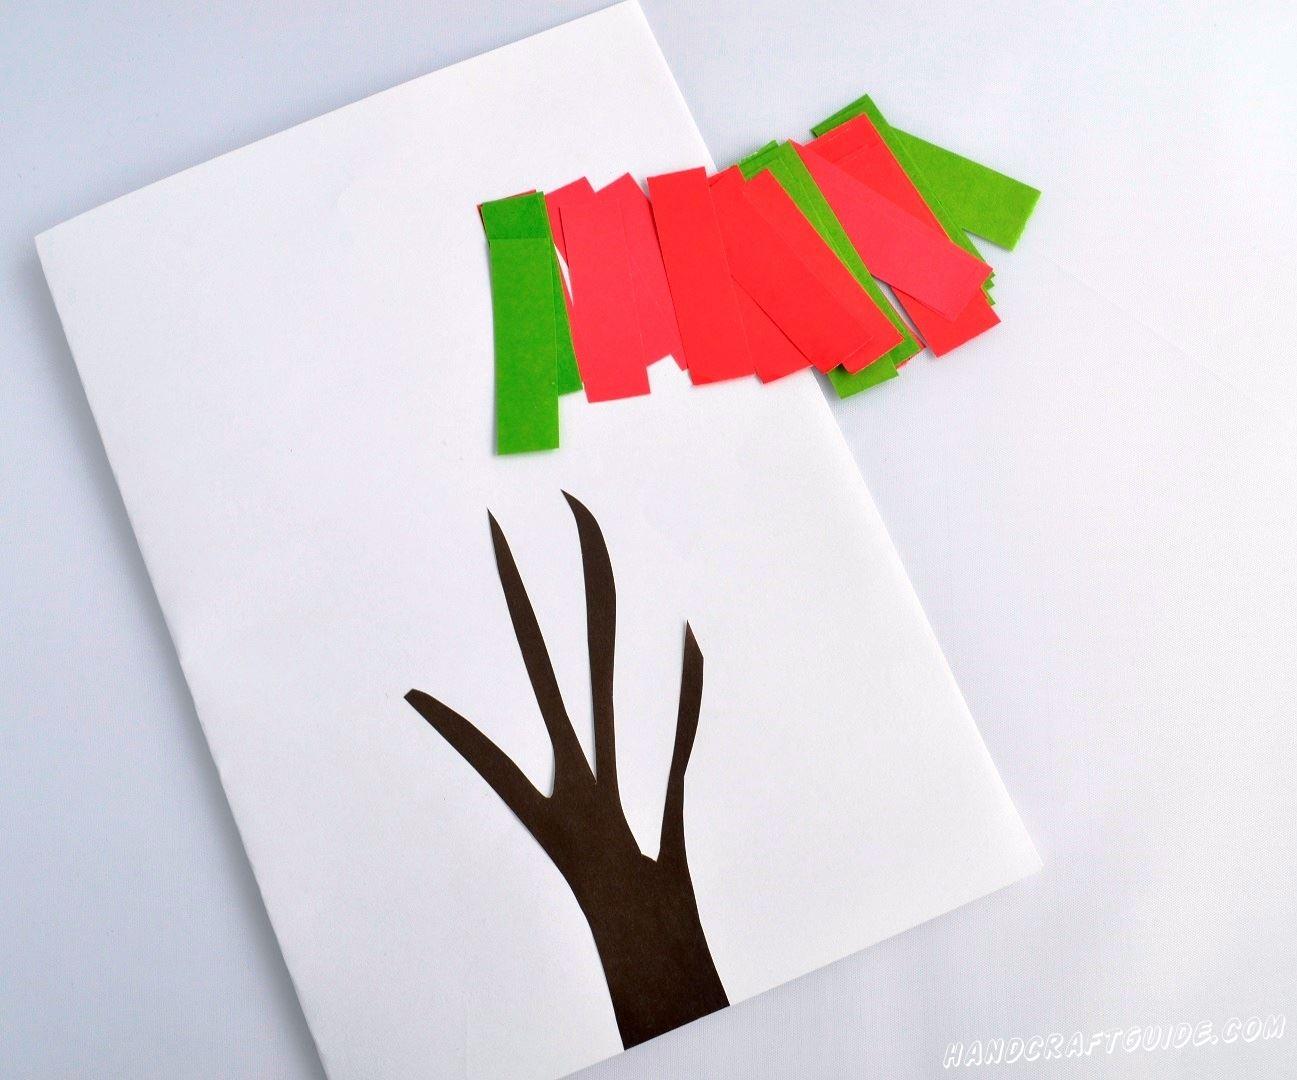 Для начала нам нужно вырезать все необходимые детали нашей поделки: фигурку в форме дерева коричневого цвета, и множество небольших полосок разными яркими цветами (мы выбрали зелёный и розовый). Дерево наклеиваем на белый лист бумаги.